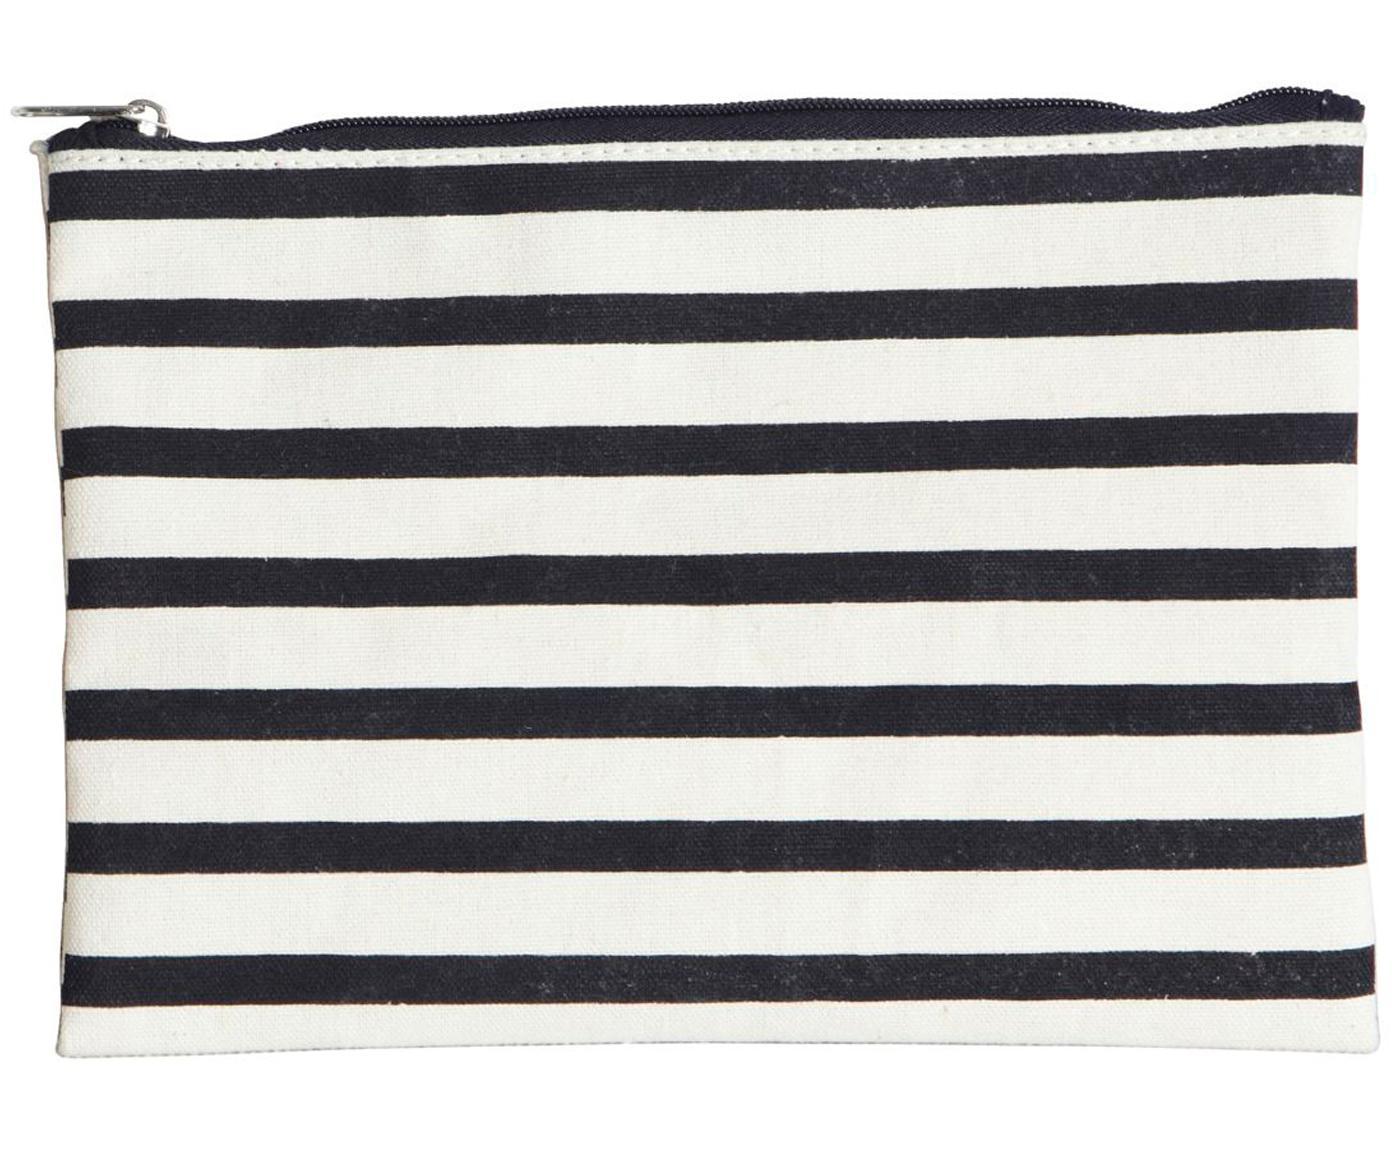 Portatrucchi con cerniera Stripes, 38% cotone, 40% poliestere, 22% rayon, Nero, bianco, Larg. 21 x Alt. 15 cm